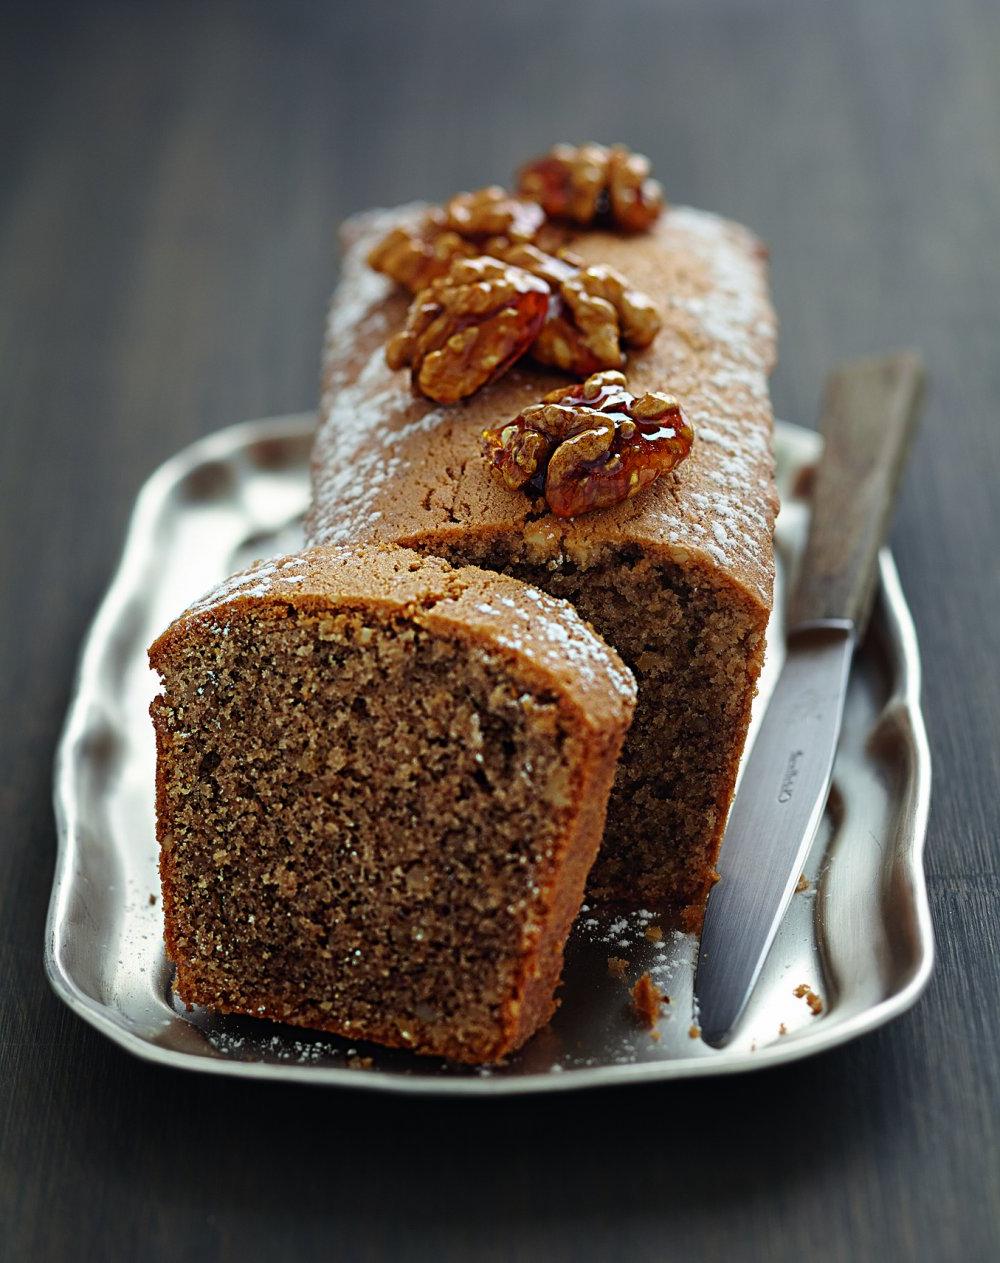 Une recette facile à faire – gâteau au chocolat et au noix